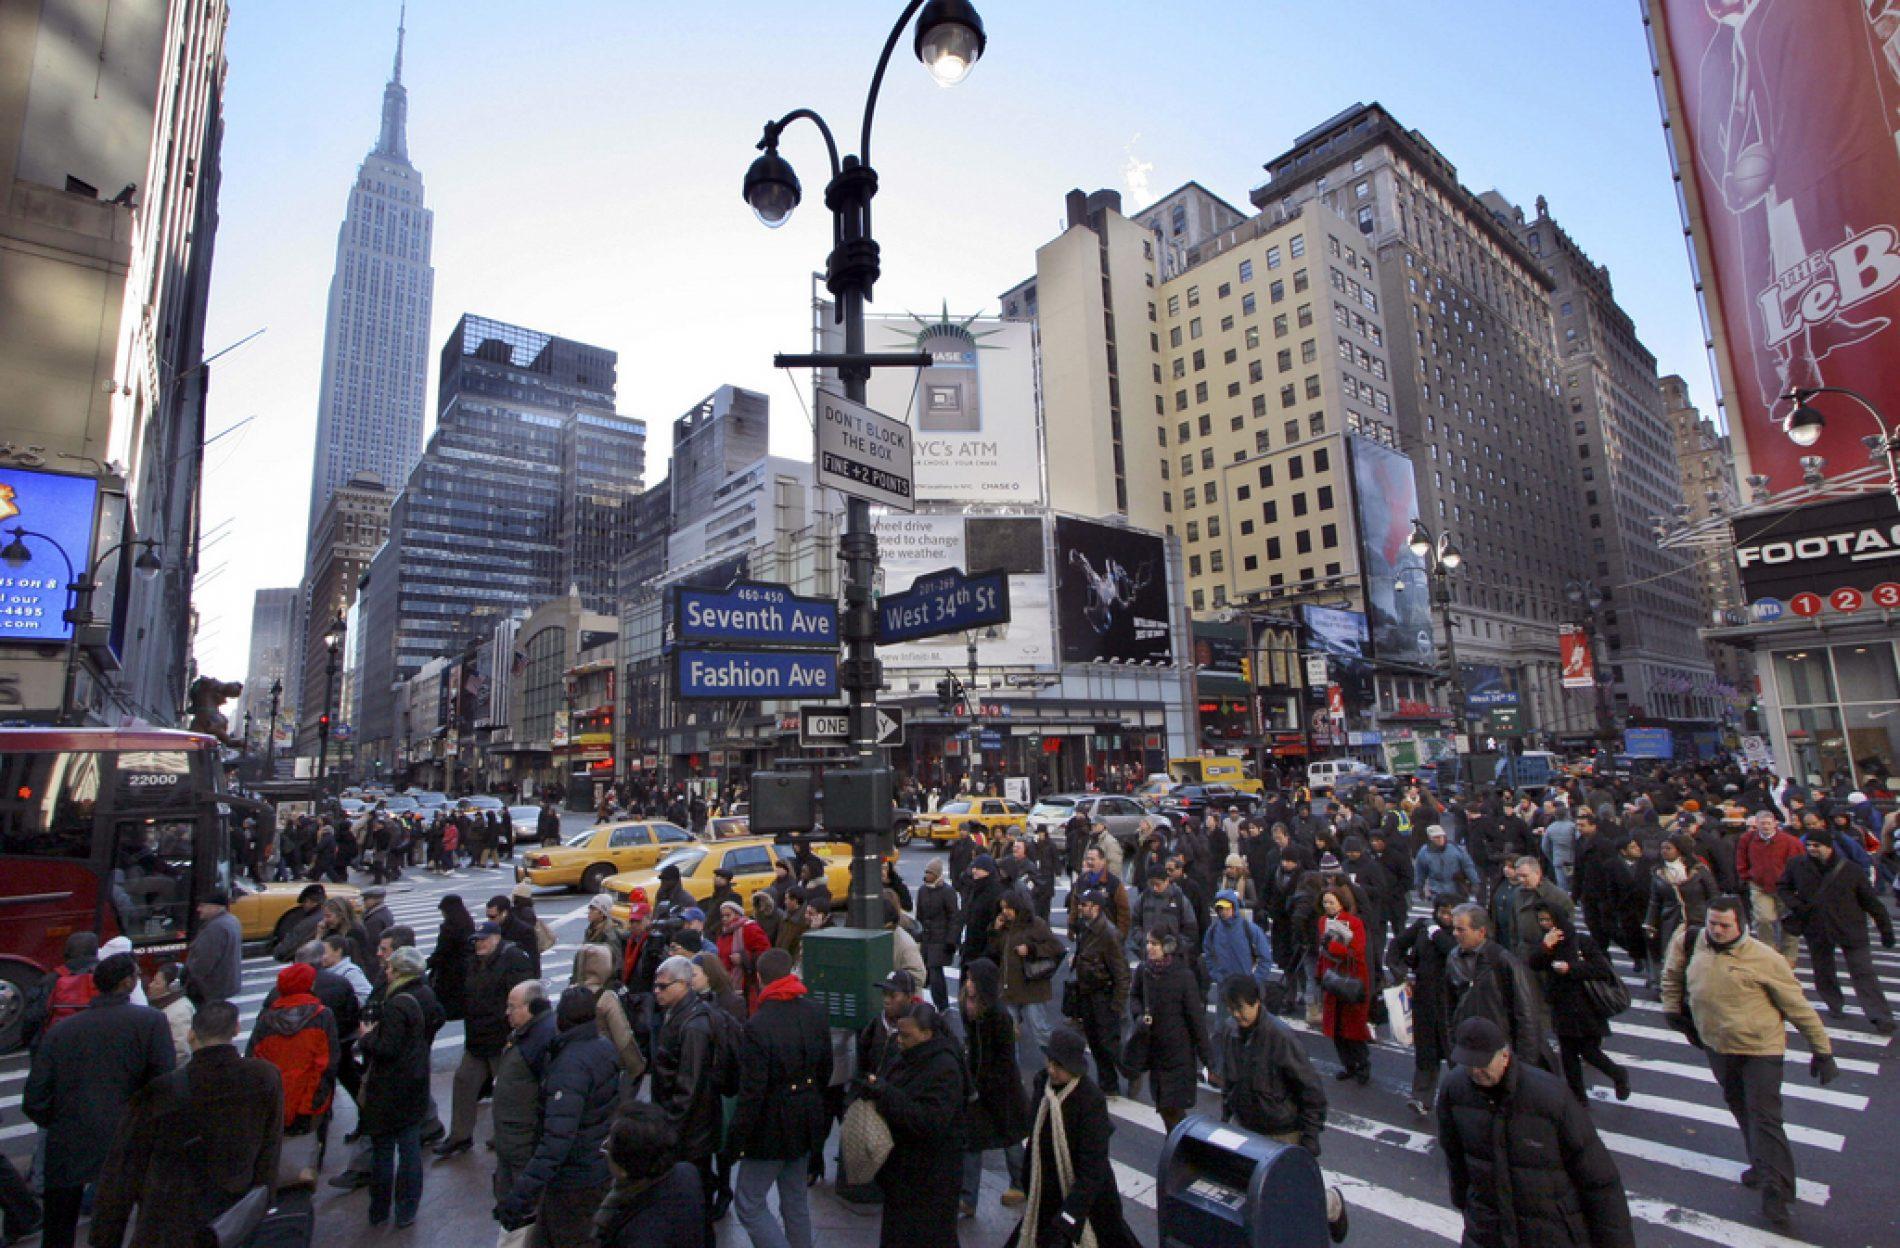 Démographie: Le déclin de la population mondiale prédit à partir de 2064